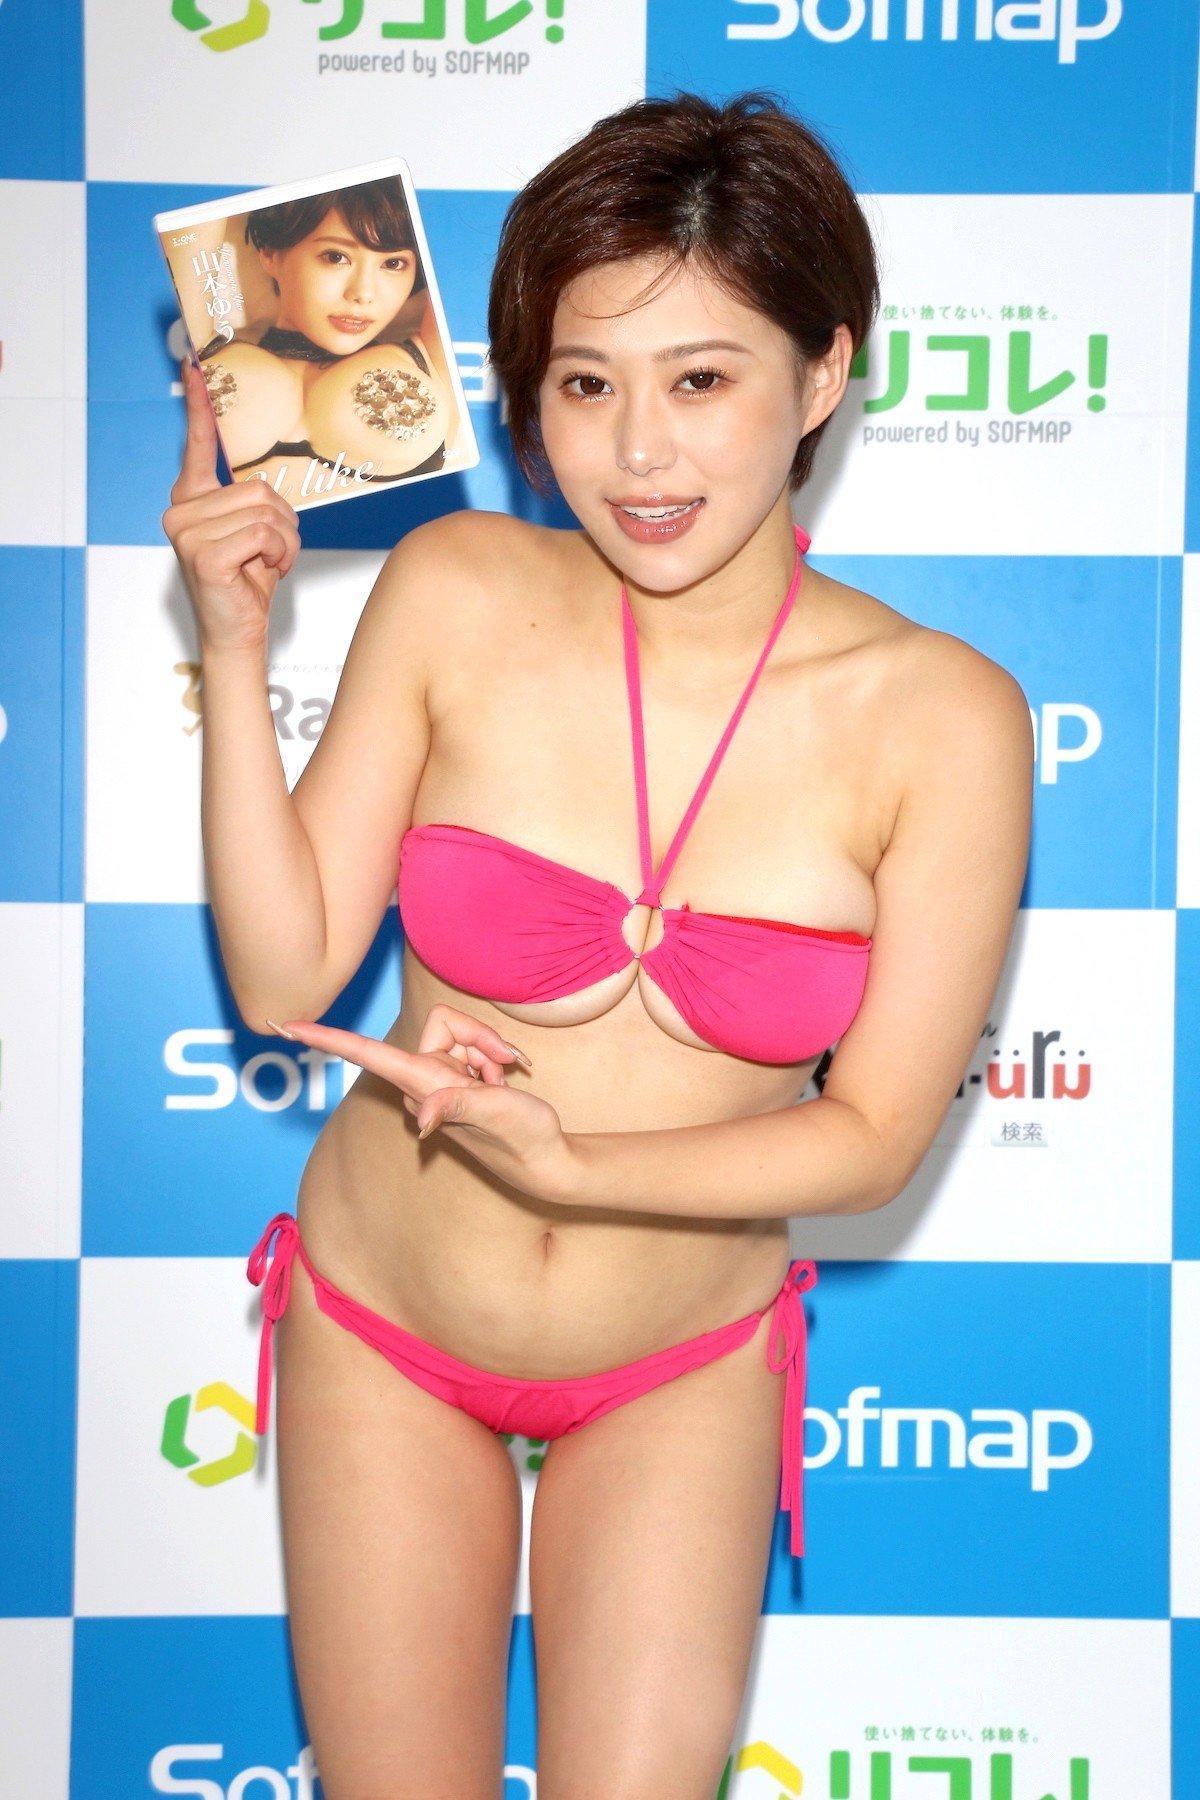 山本ゆう「裸エプロンってワードだけで」本当に何も下に着てない【画像58枚】の画像052